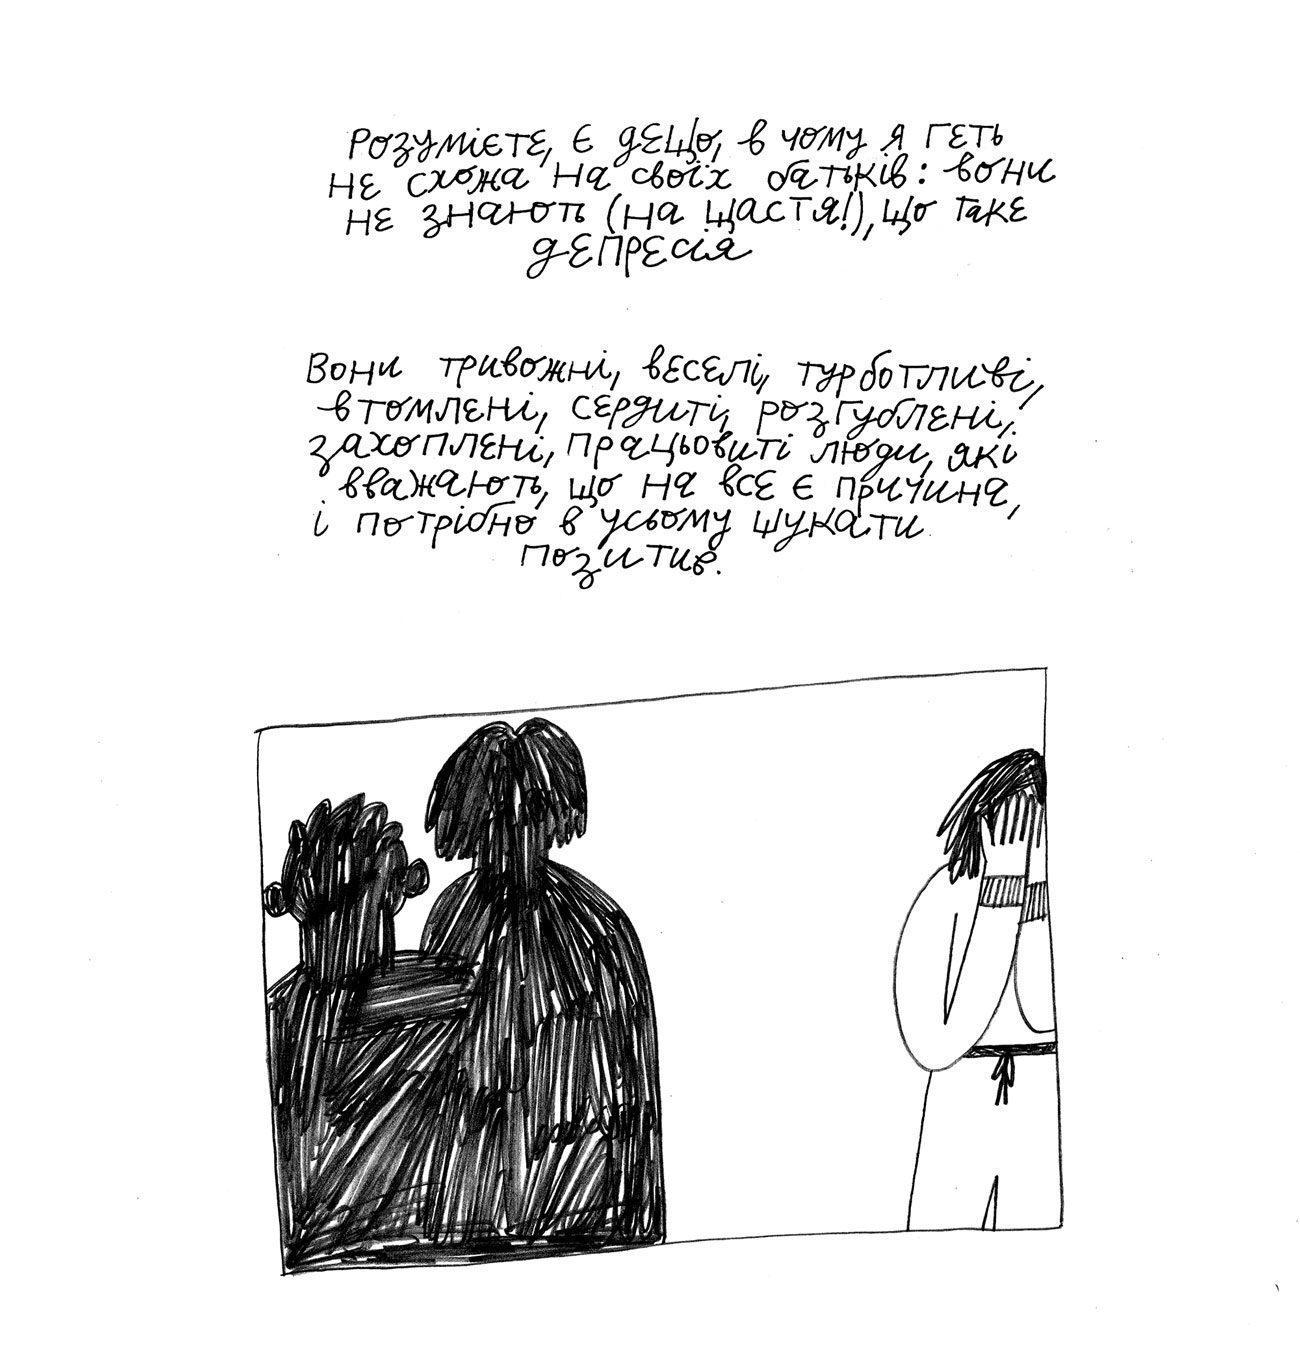 comics oliynik 06 - <b>Вам дісталася сумна дитина.</b> Комікс Жені Олійник про те, як депресія впливає на стосунки - Заборона